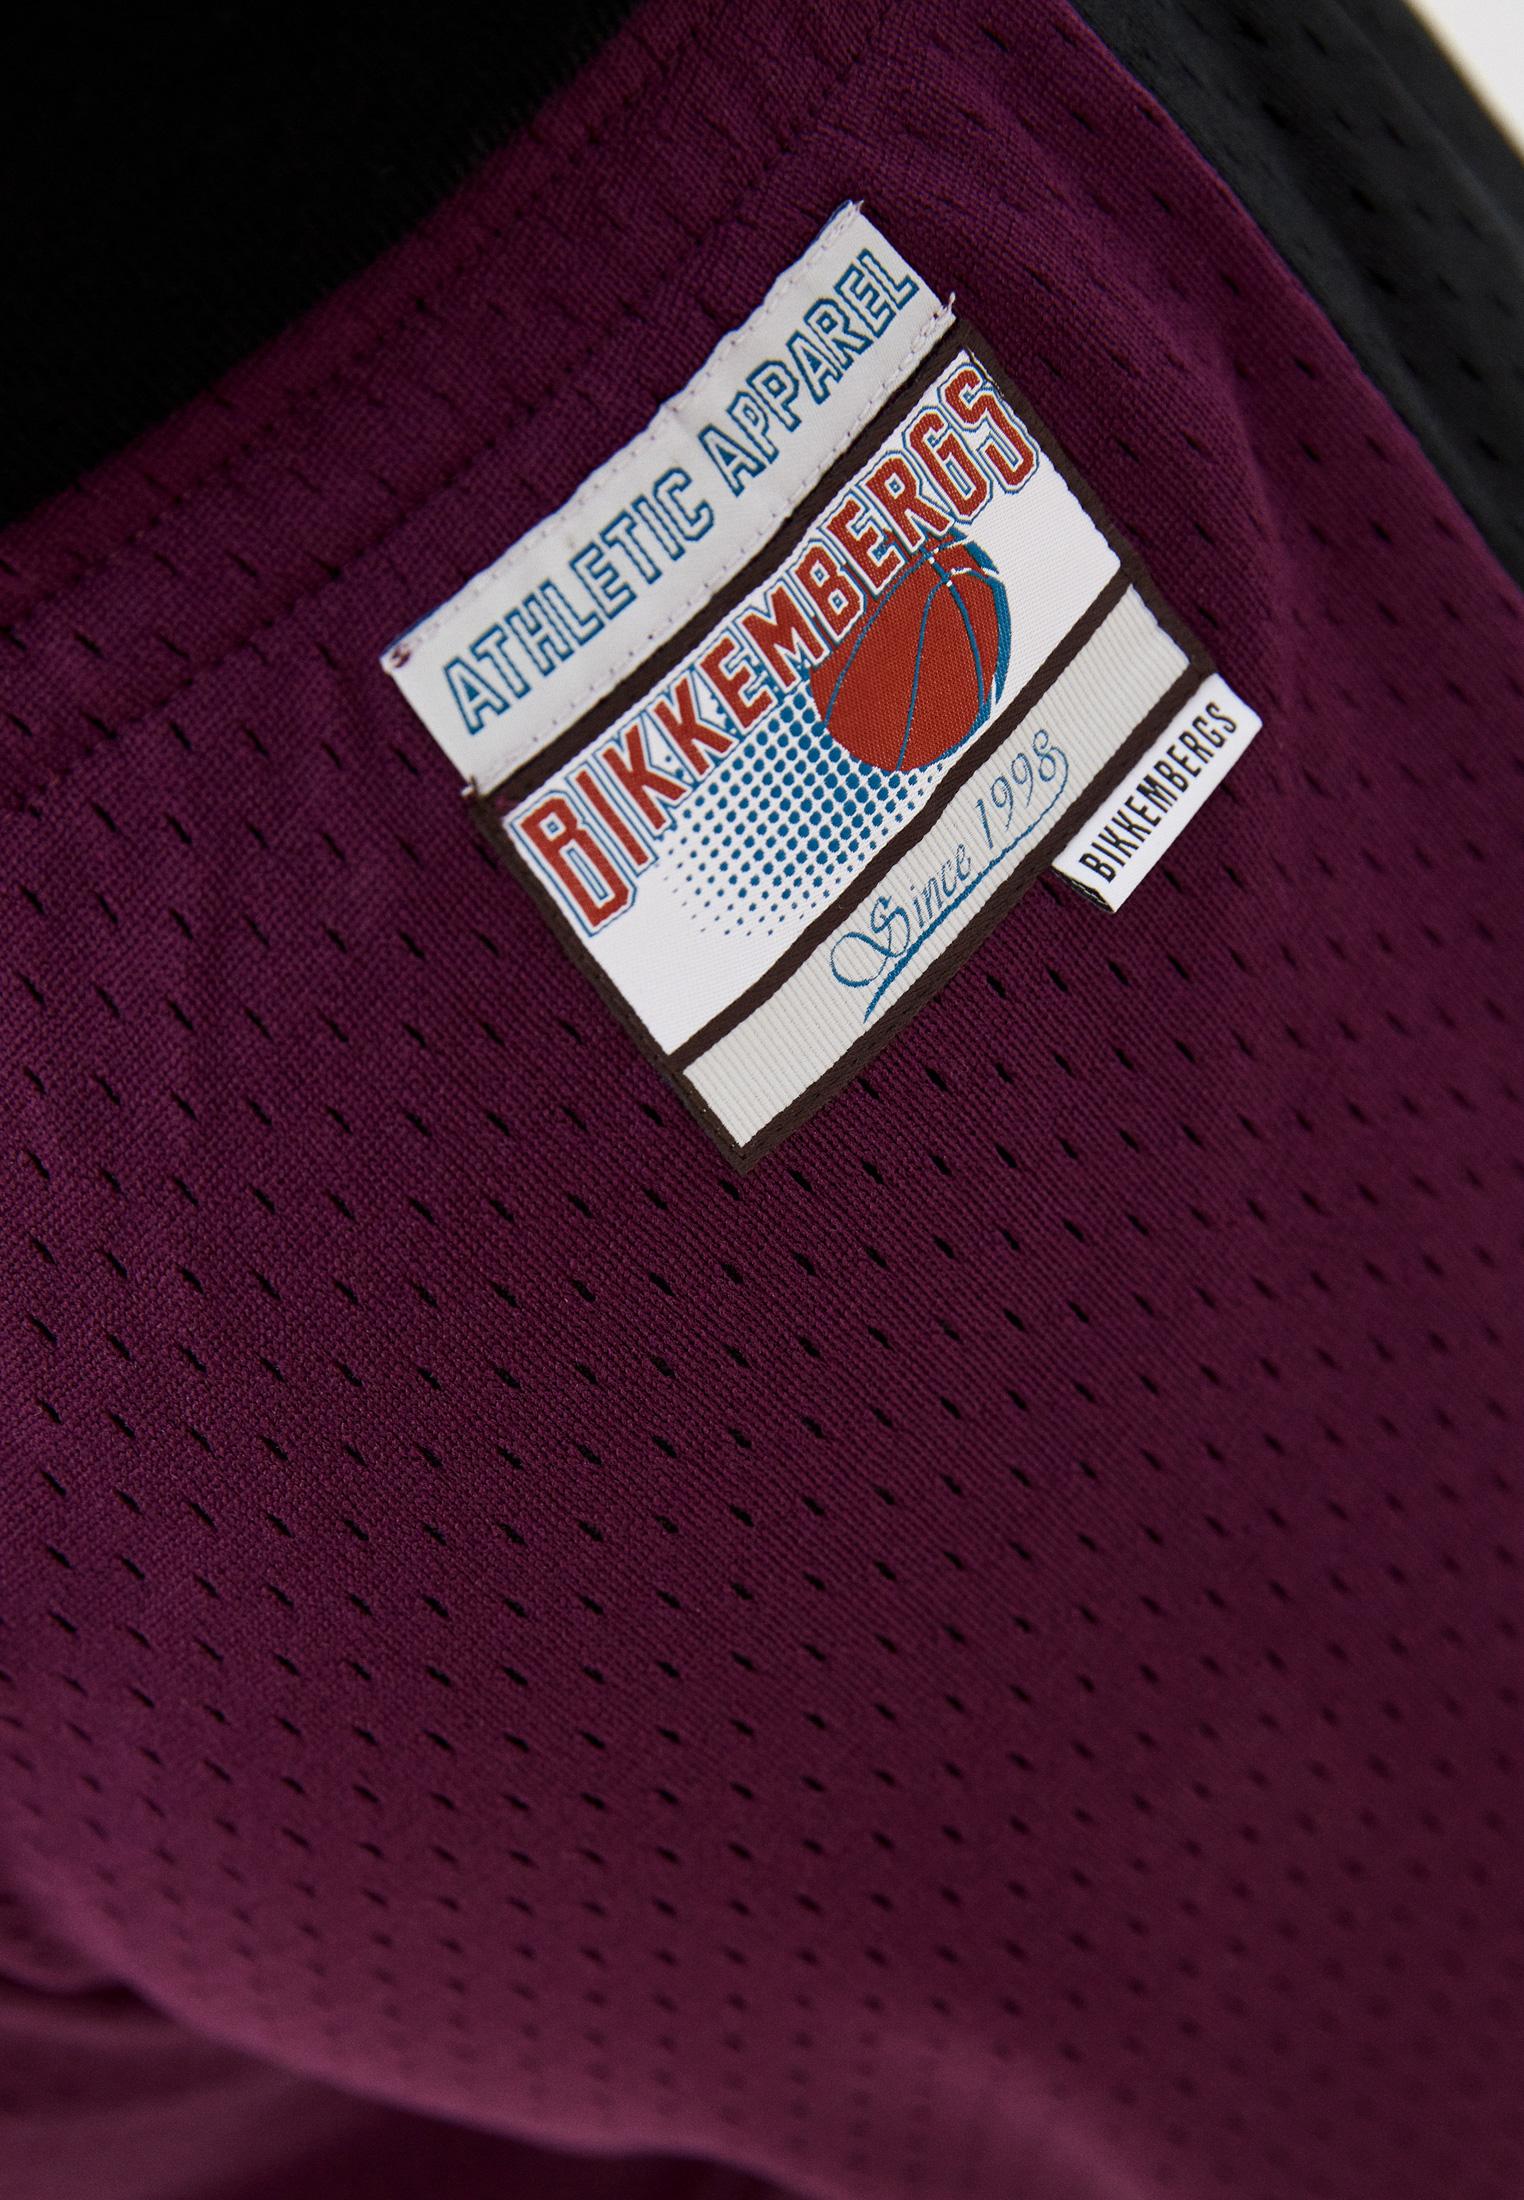 Мужские спортивные брюки Bikkembergs (Биккембергс) C 1 157 00 M 4224: изображение 5